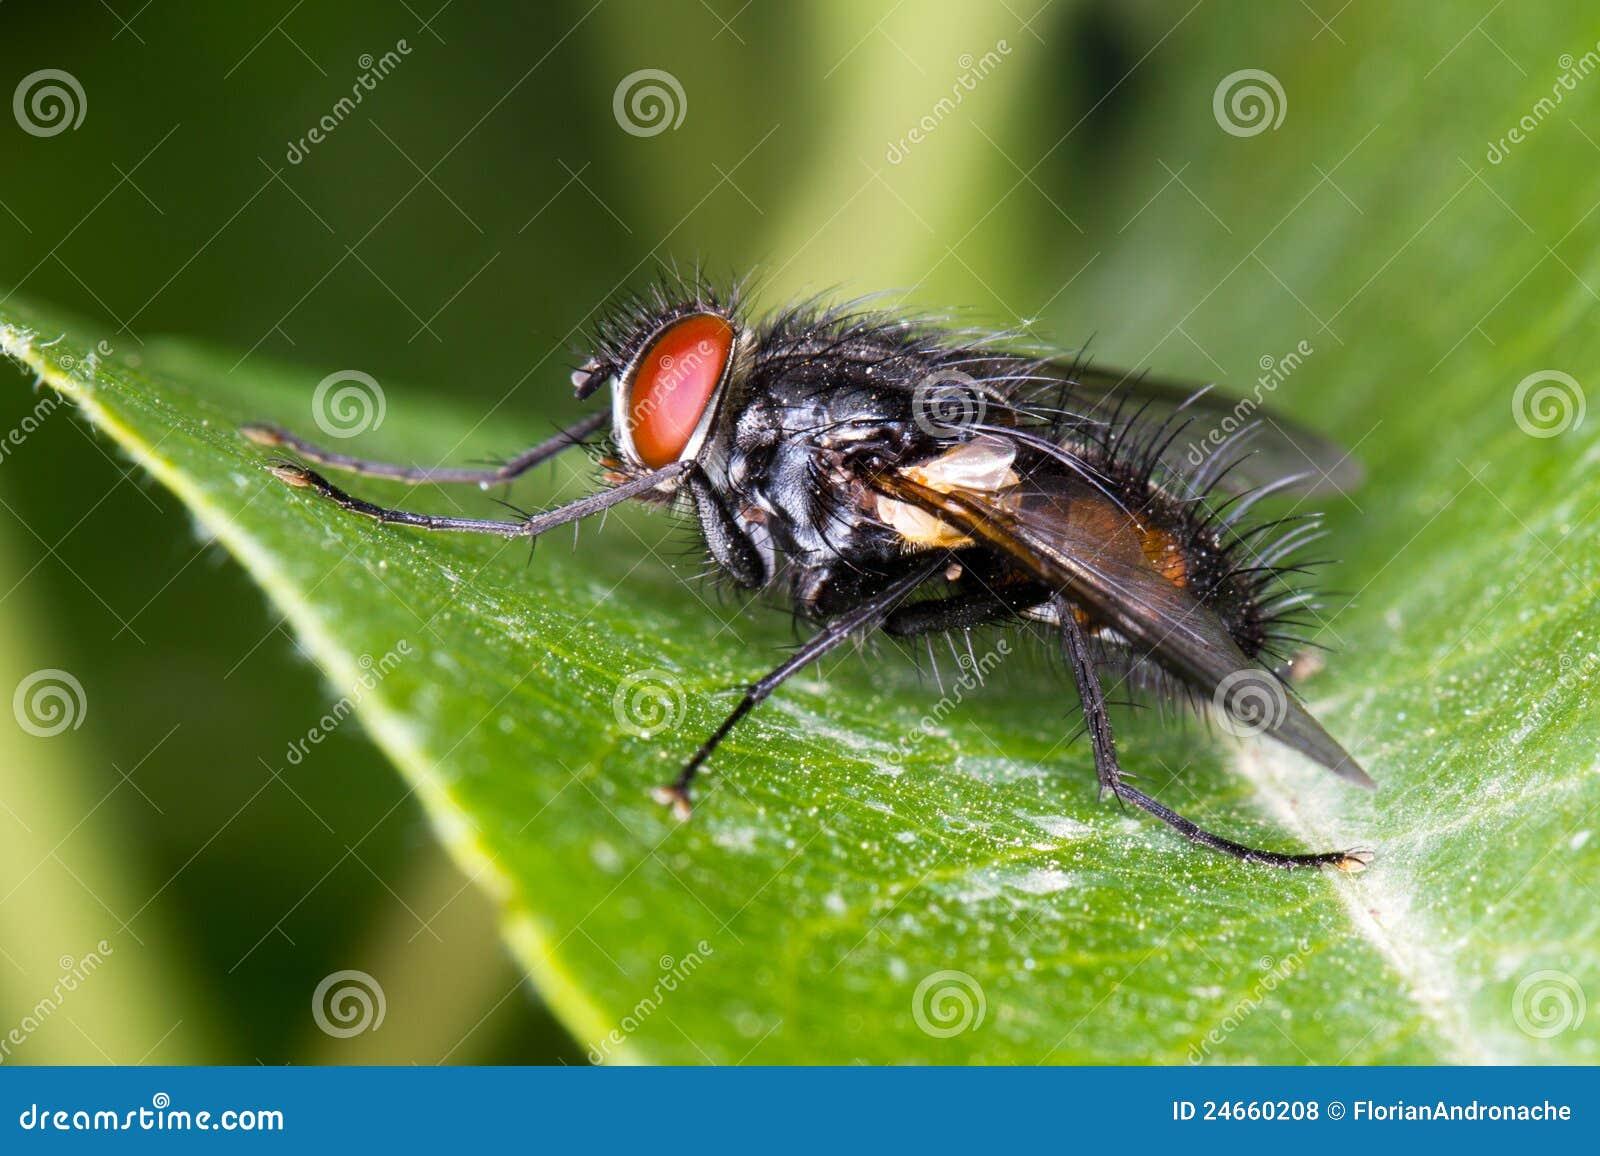 mouche commune de maison musca domestica sur une lame verte photos libres de droits image. Black Bedroom Furniture Sets. Home Design Ideas